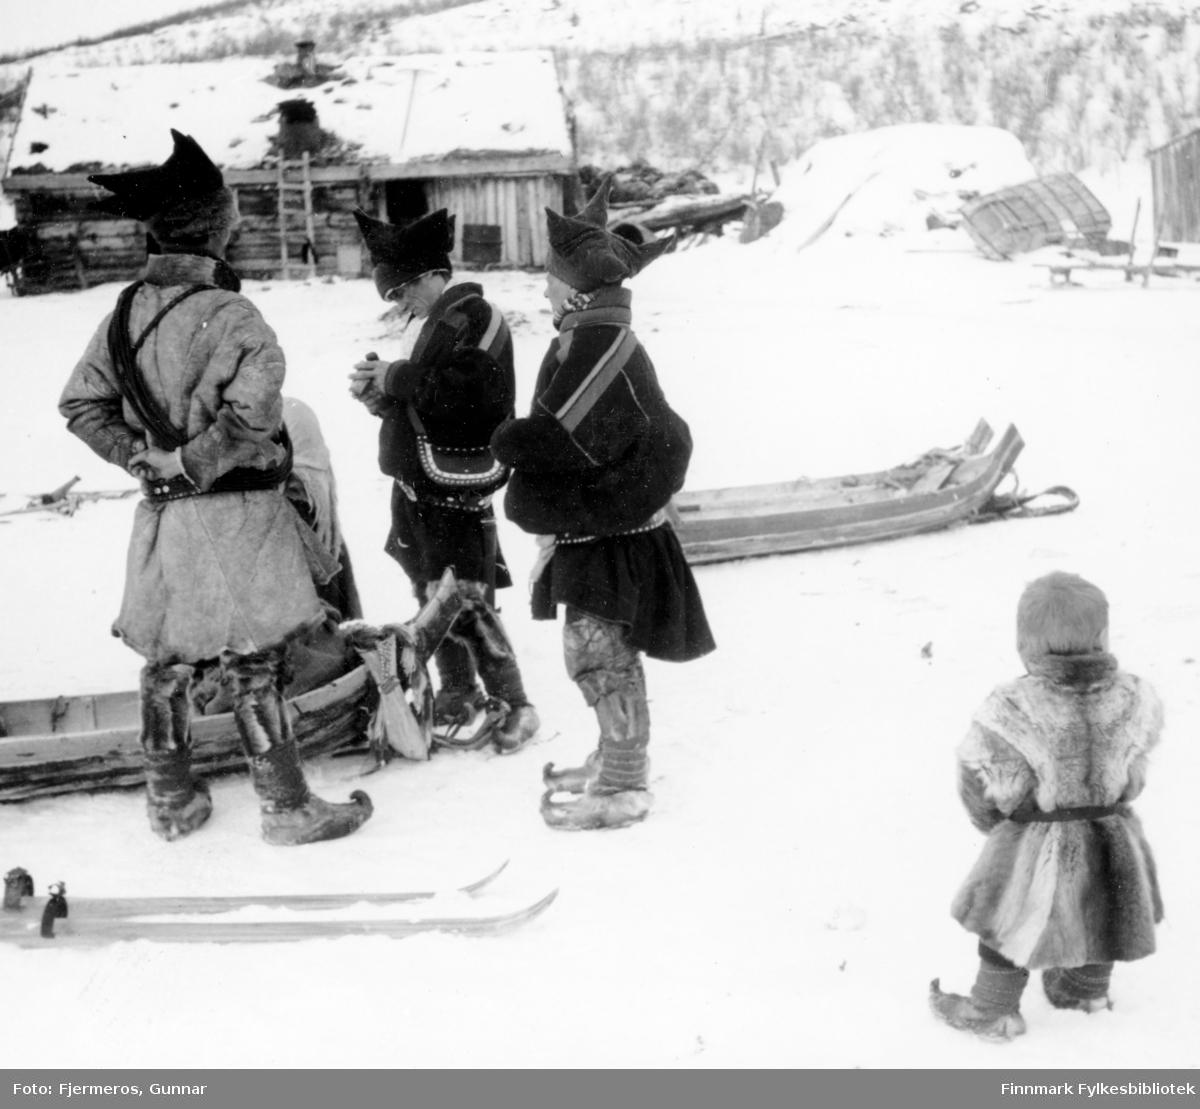 Fotografi av tre voksne og et barn i sameklær med noen sleder og ski på den snødekte bakken. Bildet er tatt på Jergul i påsken 1947.